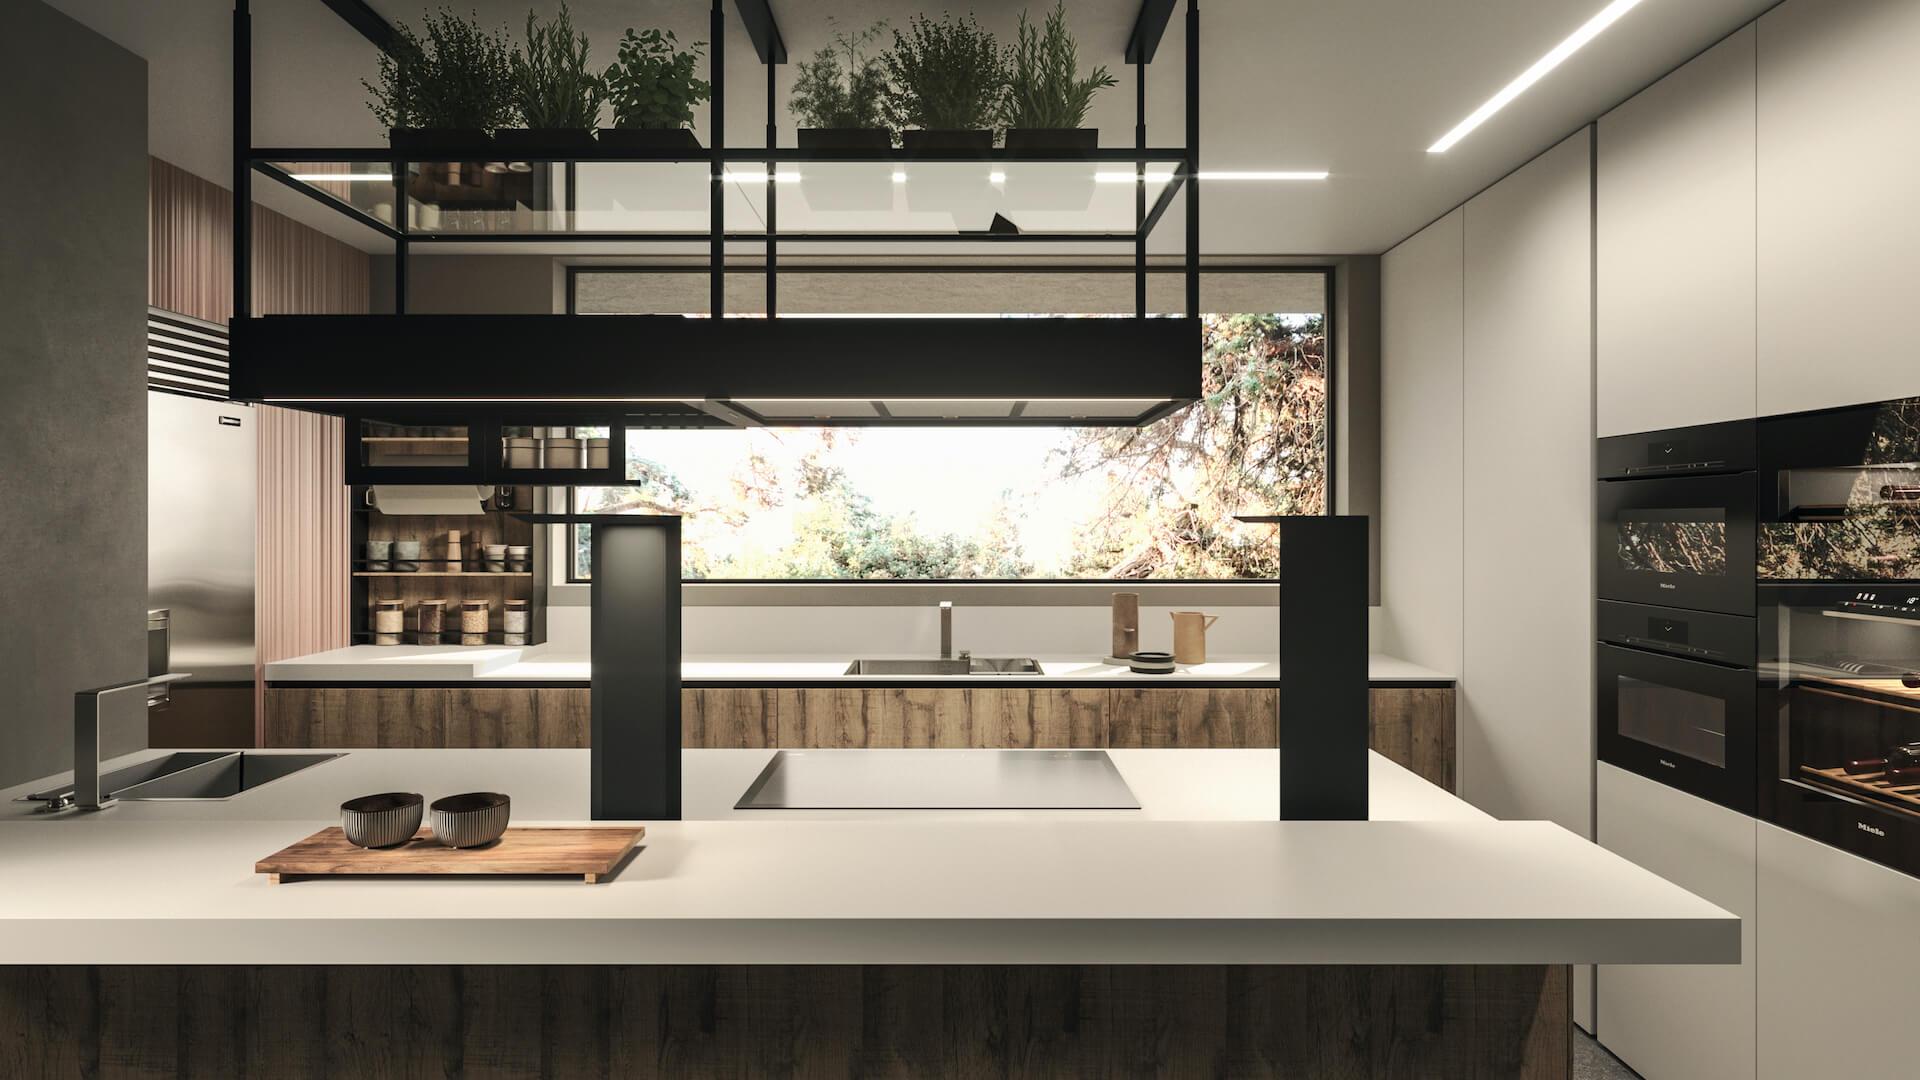 c-Cucine_Industrial_5